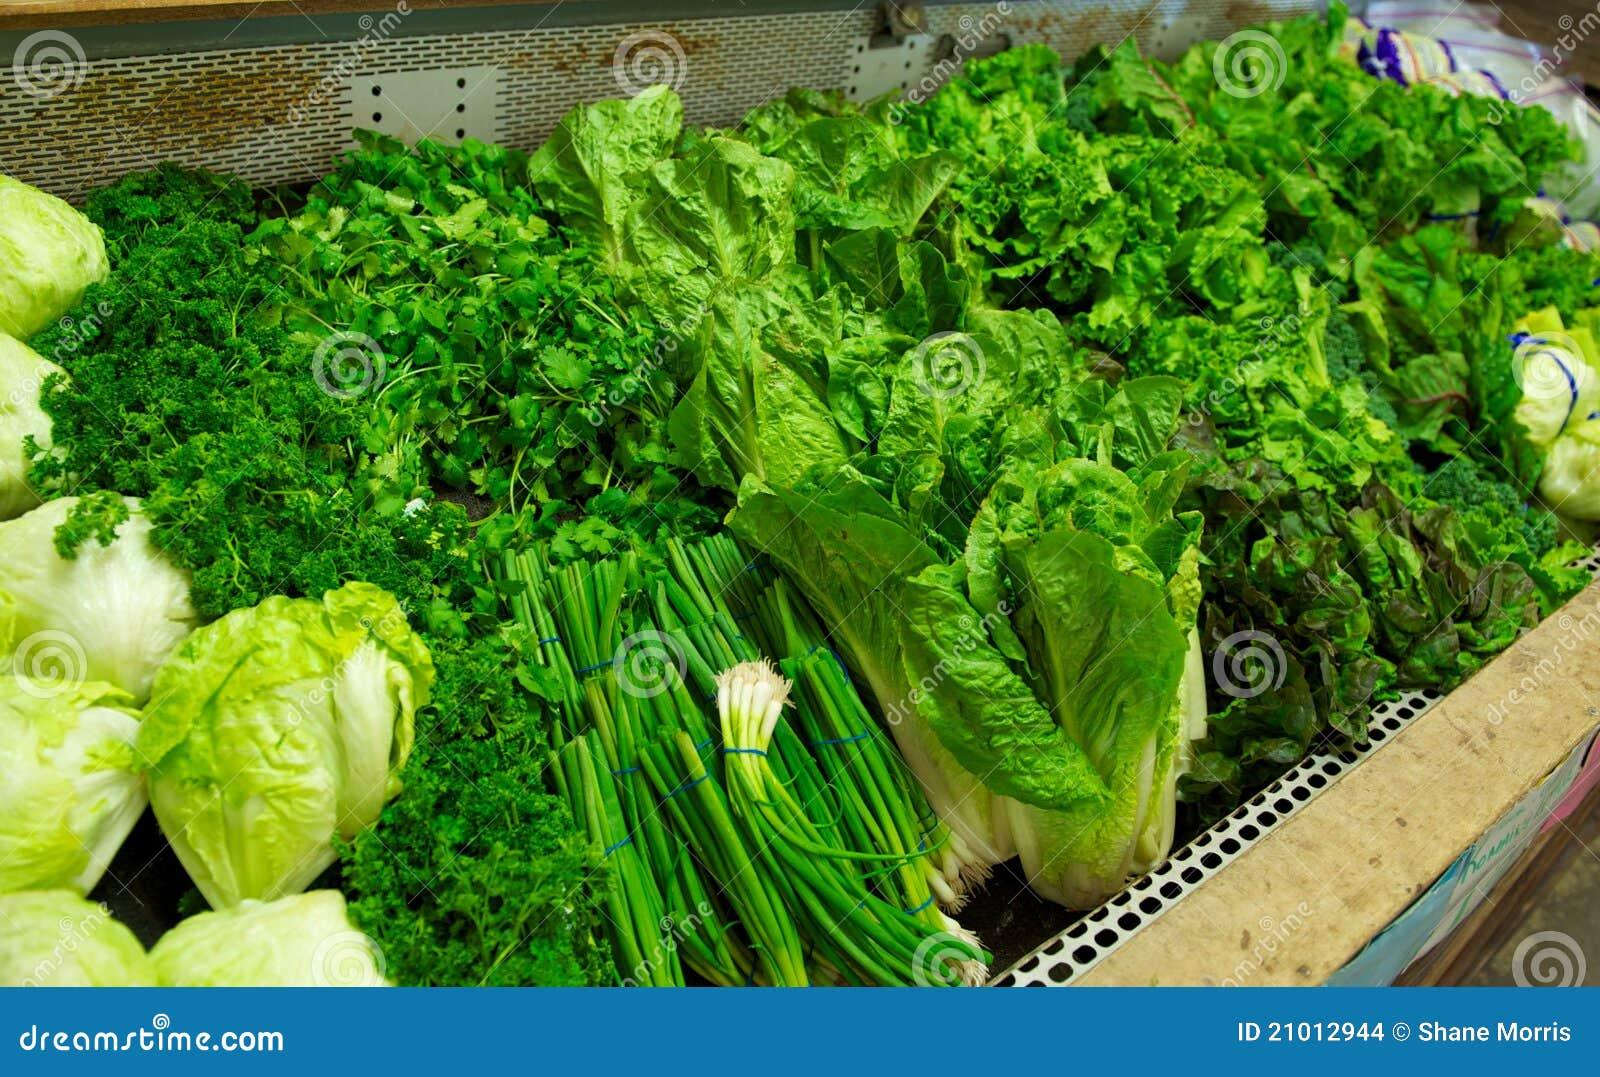 框鲜绿色的副食品产物存储